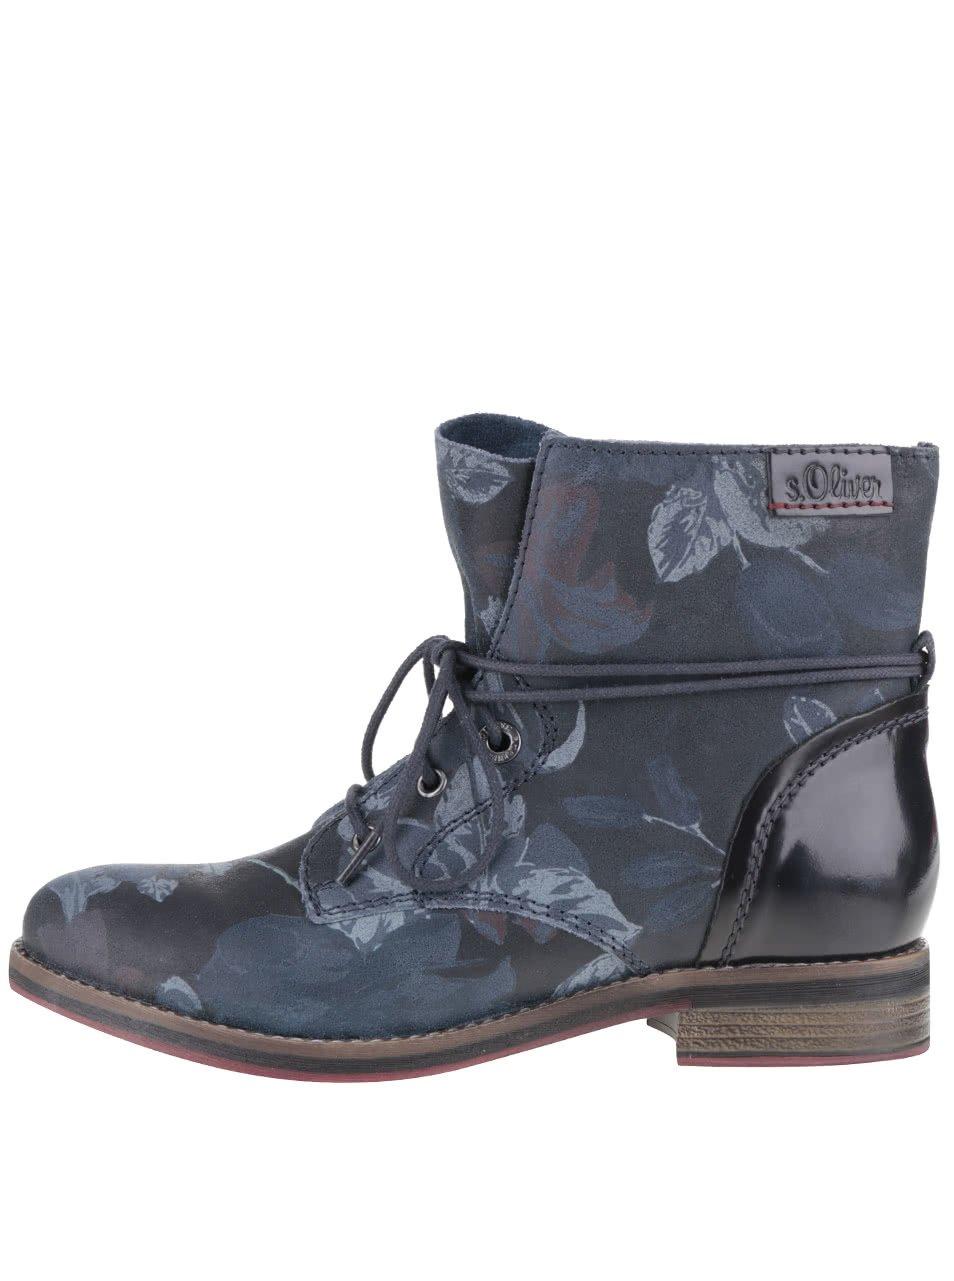 Tmavě modré dámské kožené kotníkové boty se vzorem s.Oliver